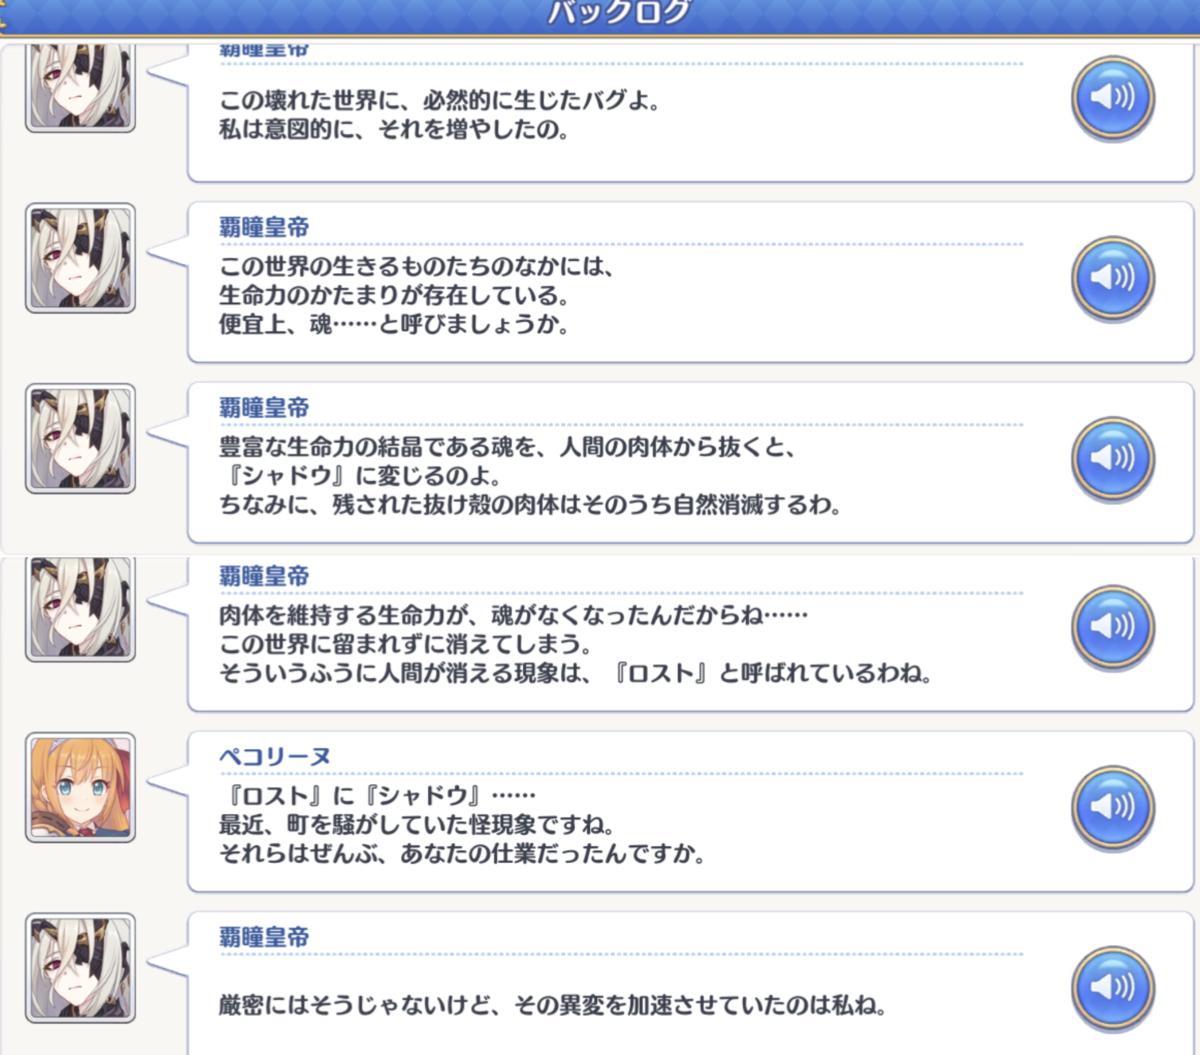 f:id:sikakebunko:20201208220558p:plain